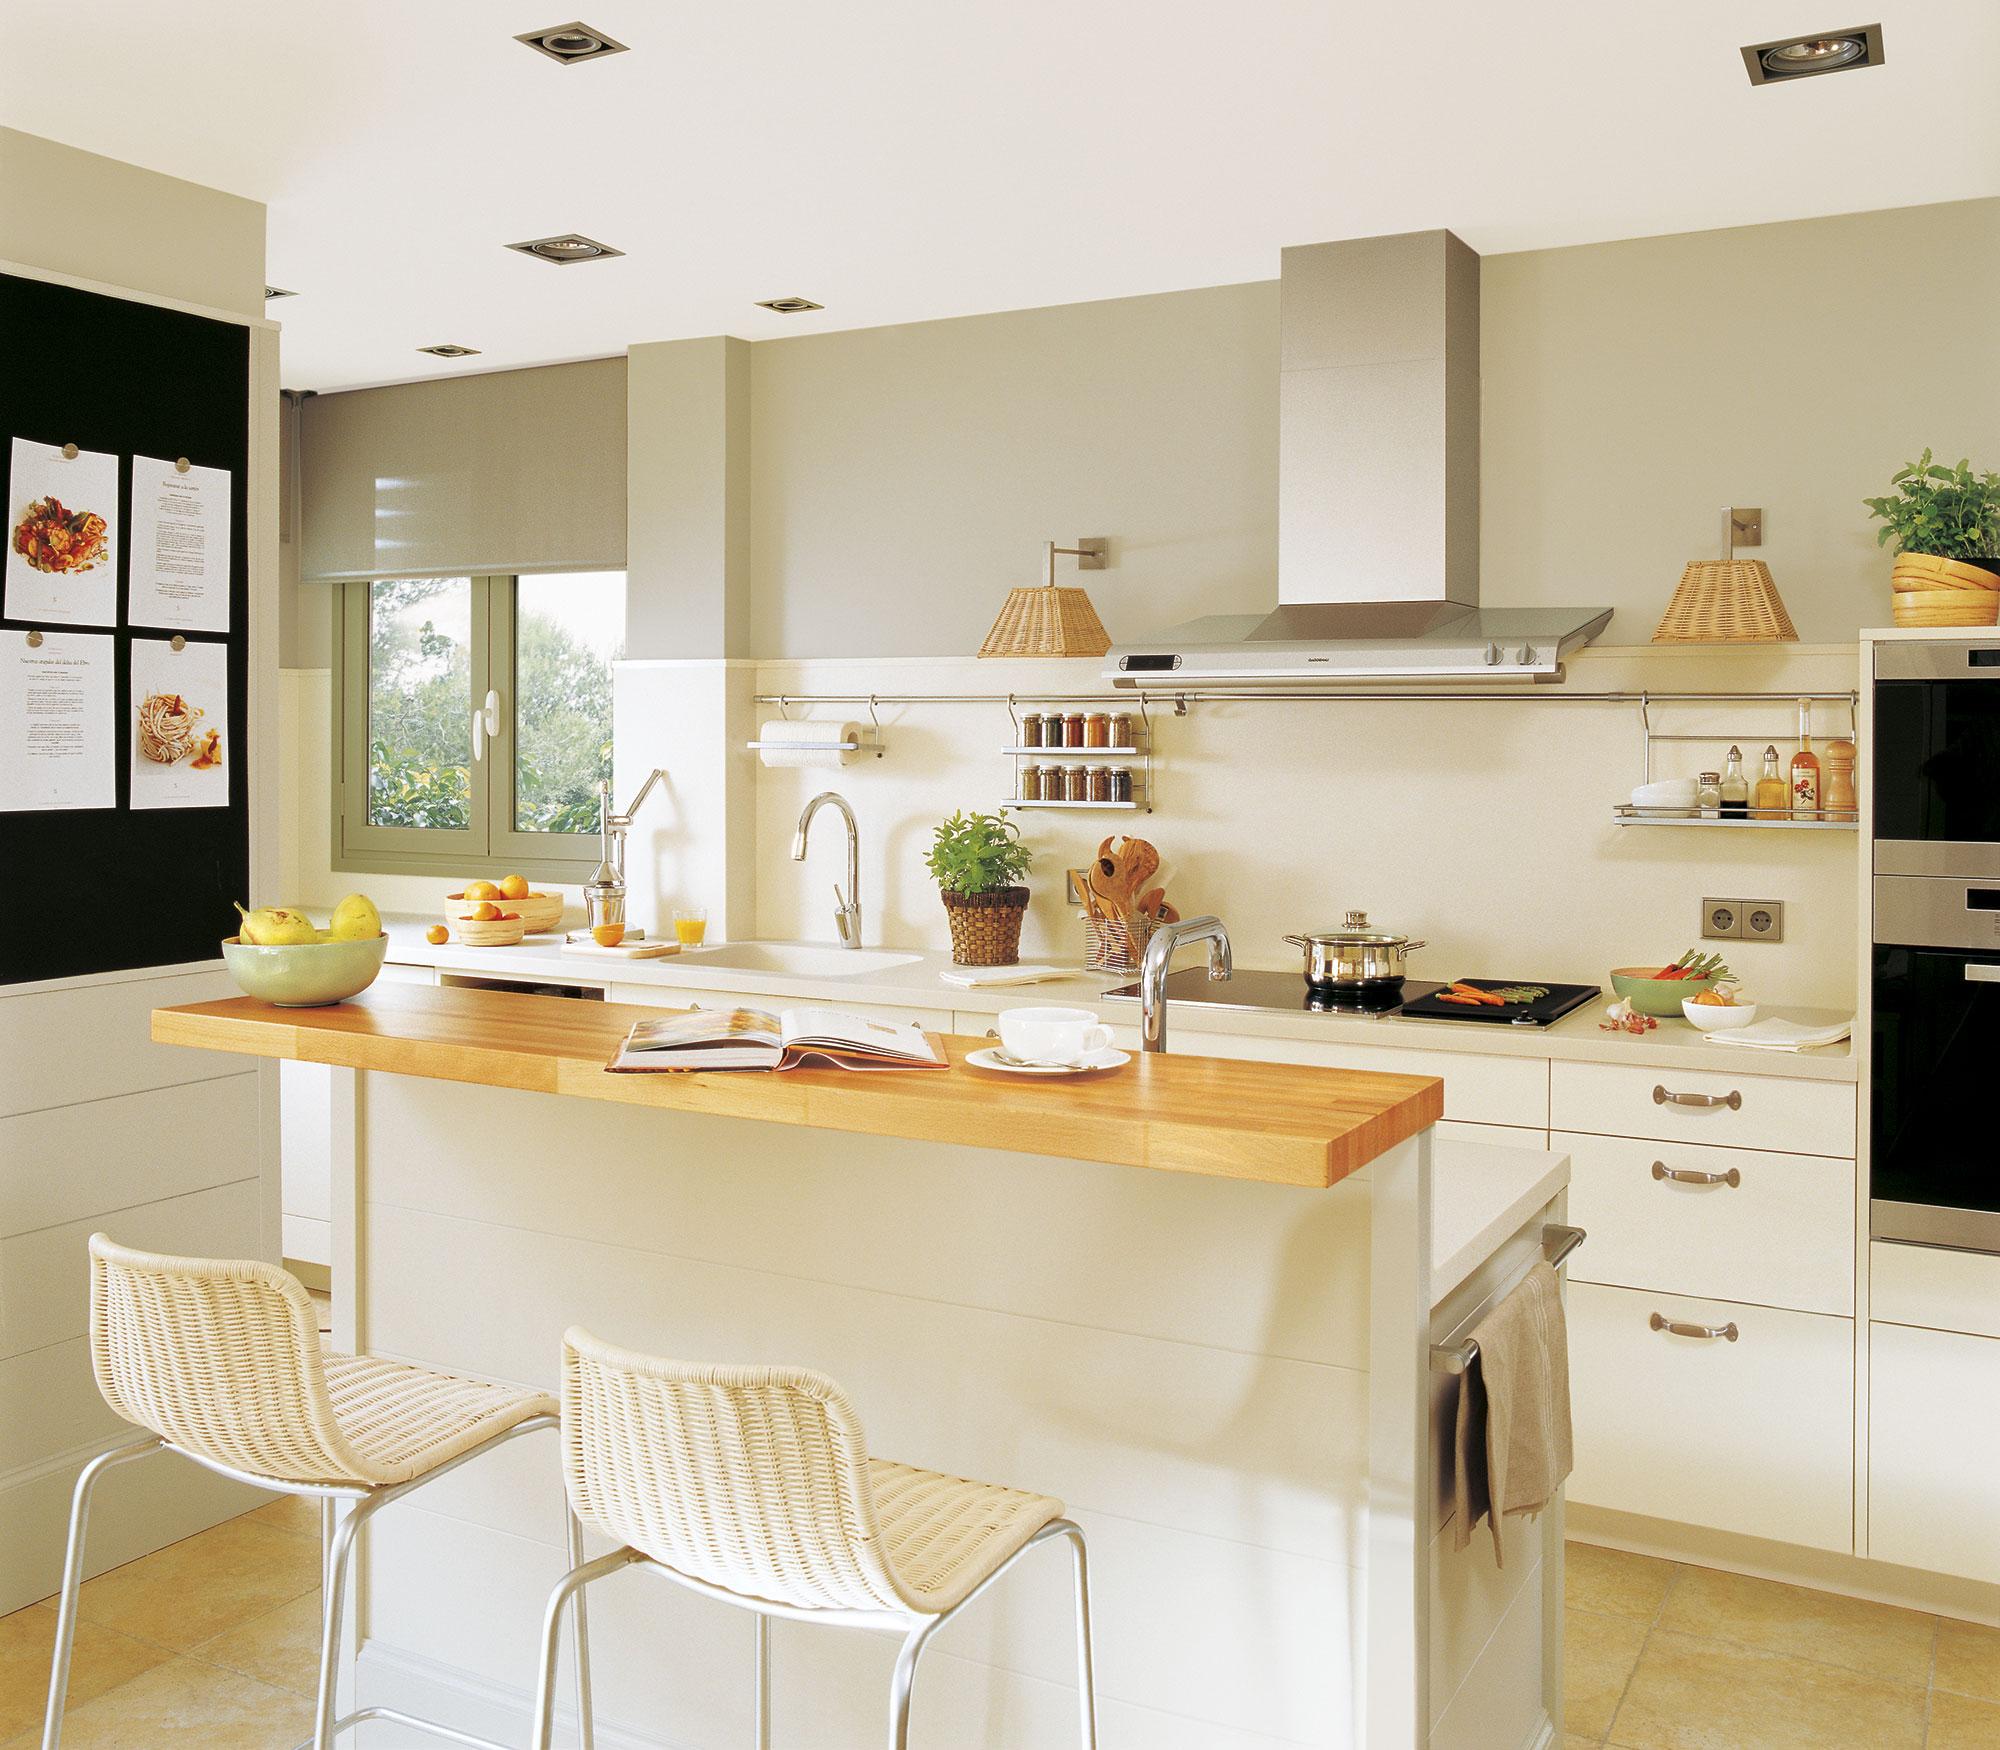 Dise o de una cocina con barra de desayuno for Construir isla cocina